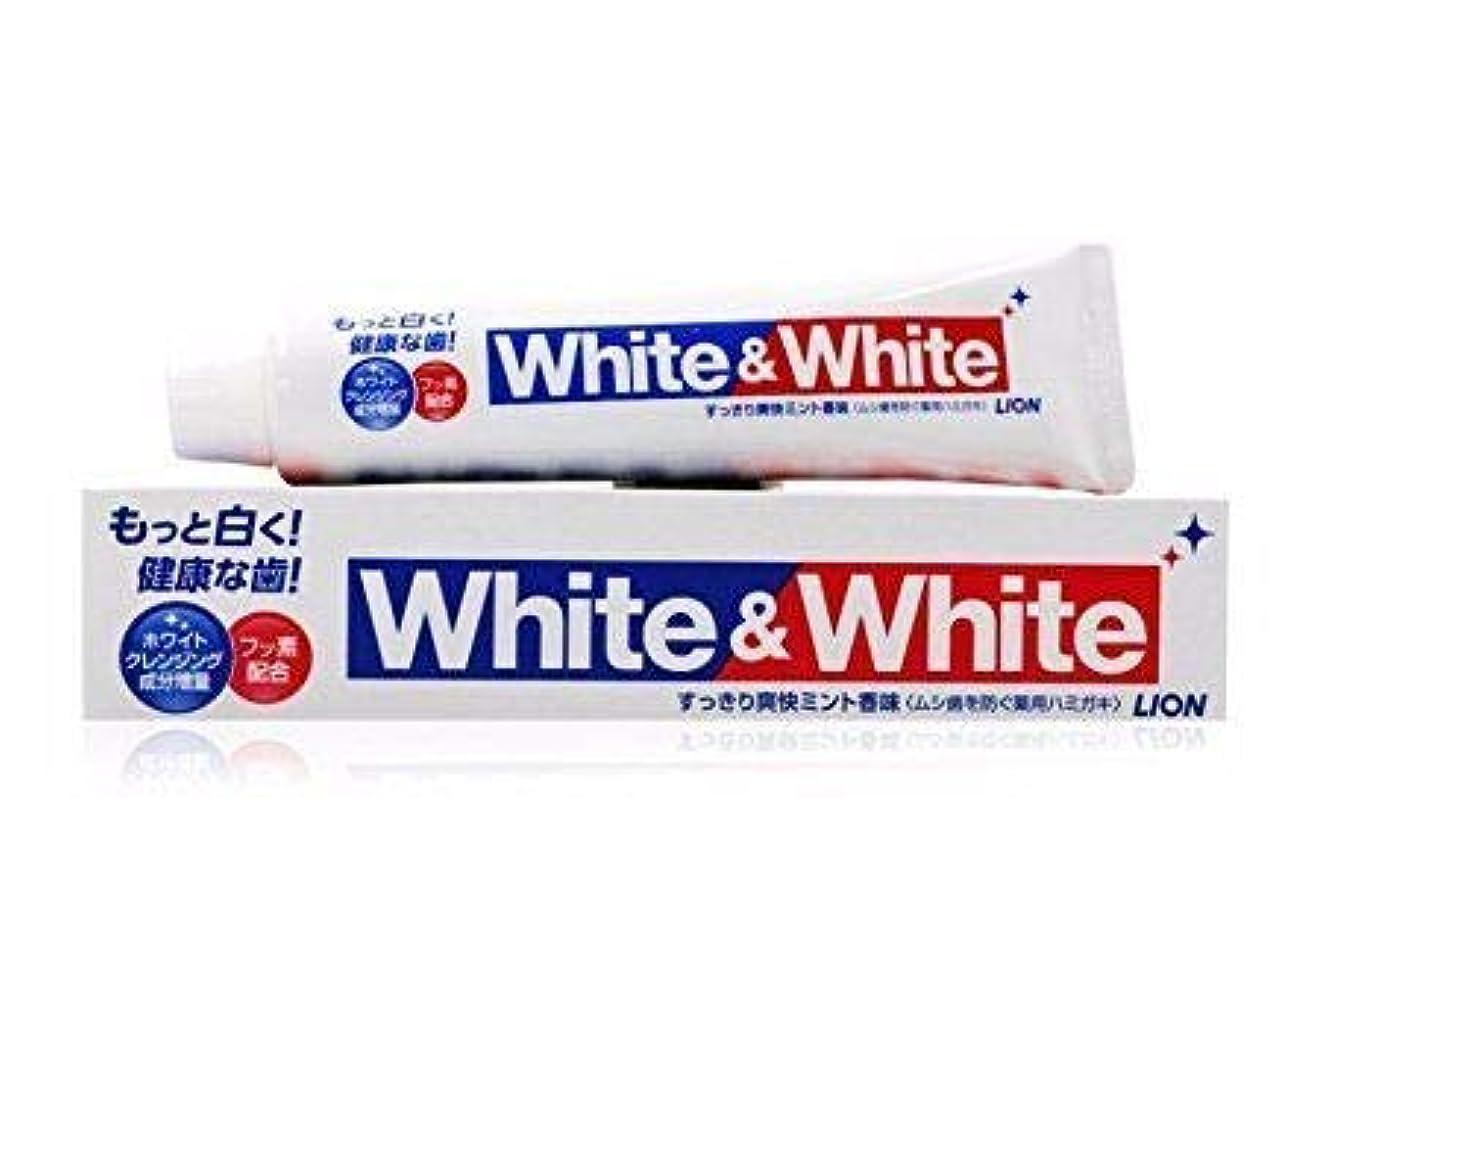 自明オリエントしばしばライオン ホワイト&ホワイト ライオン 150g (医薬部外品)